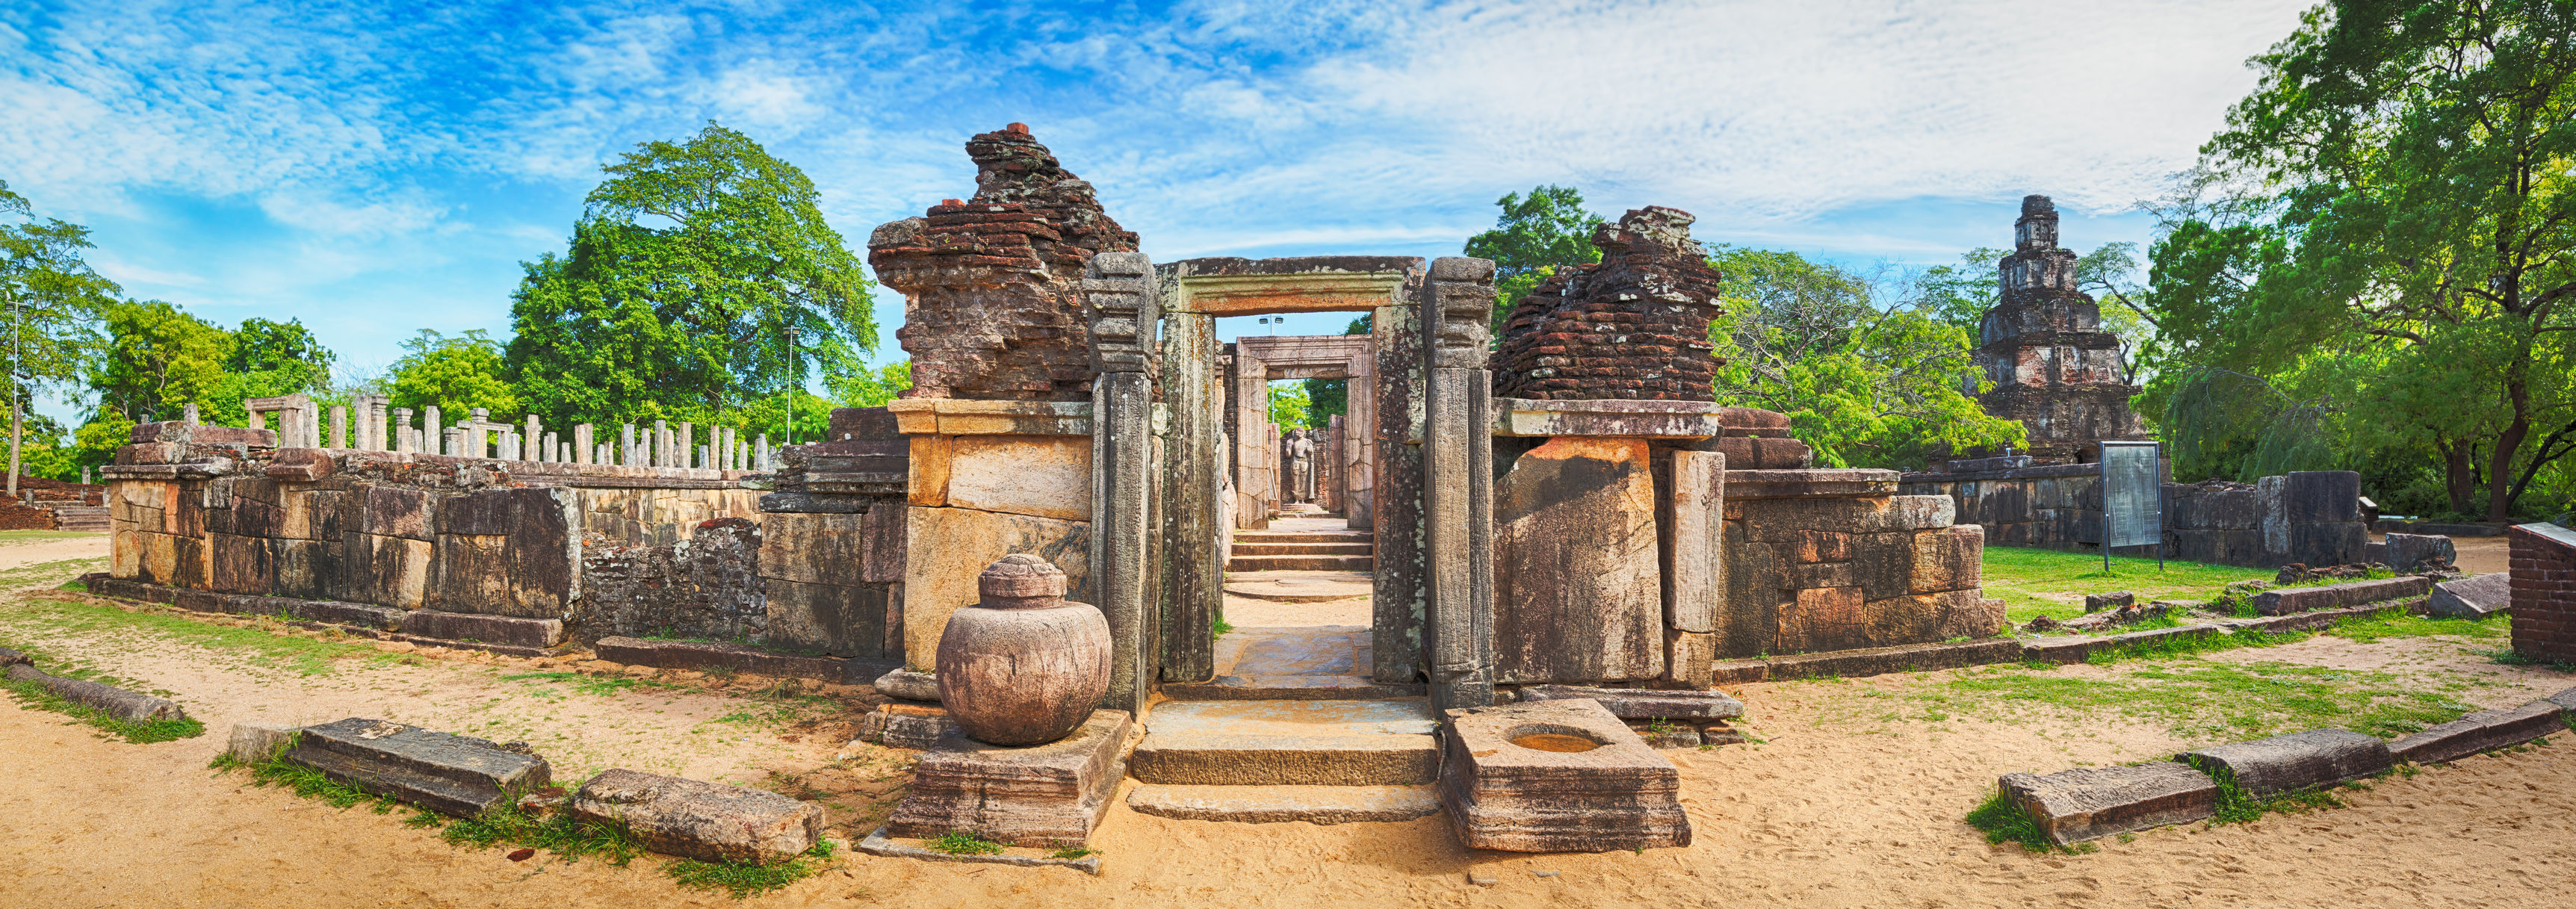 Polonnaruwa-ruins-sri-lanka